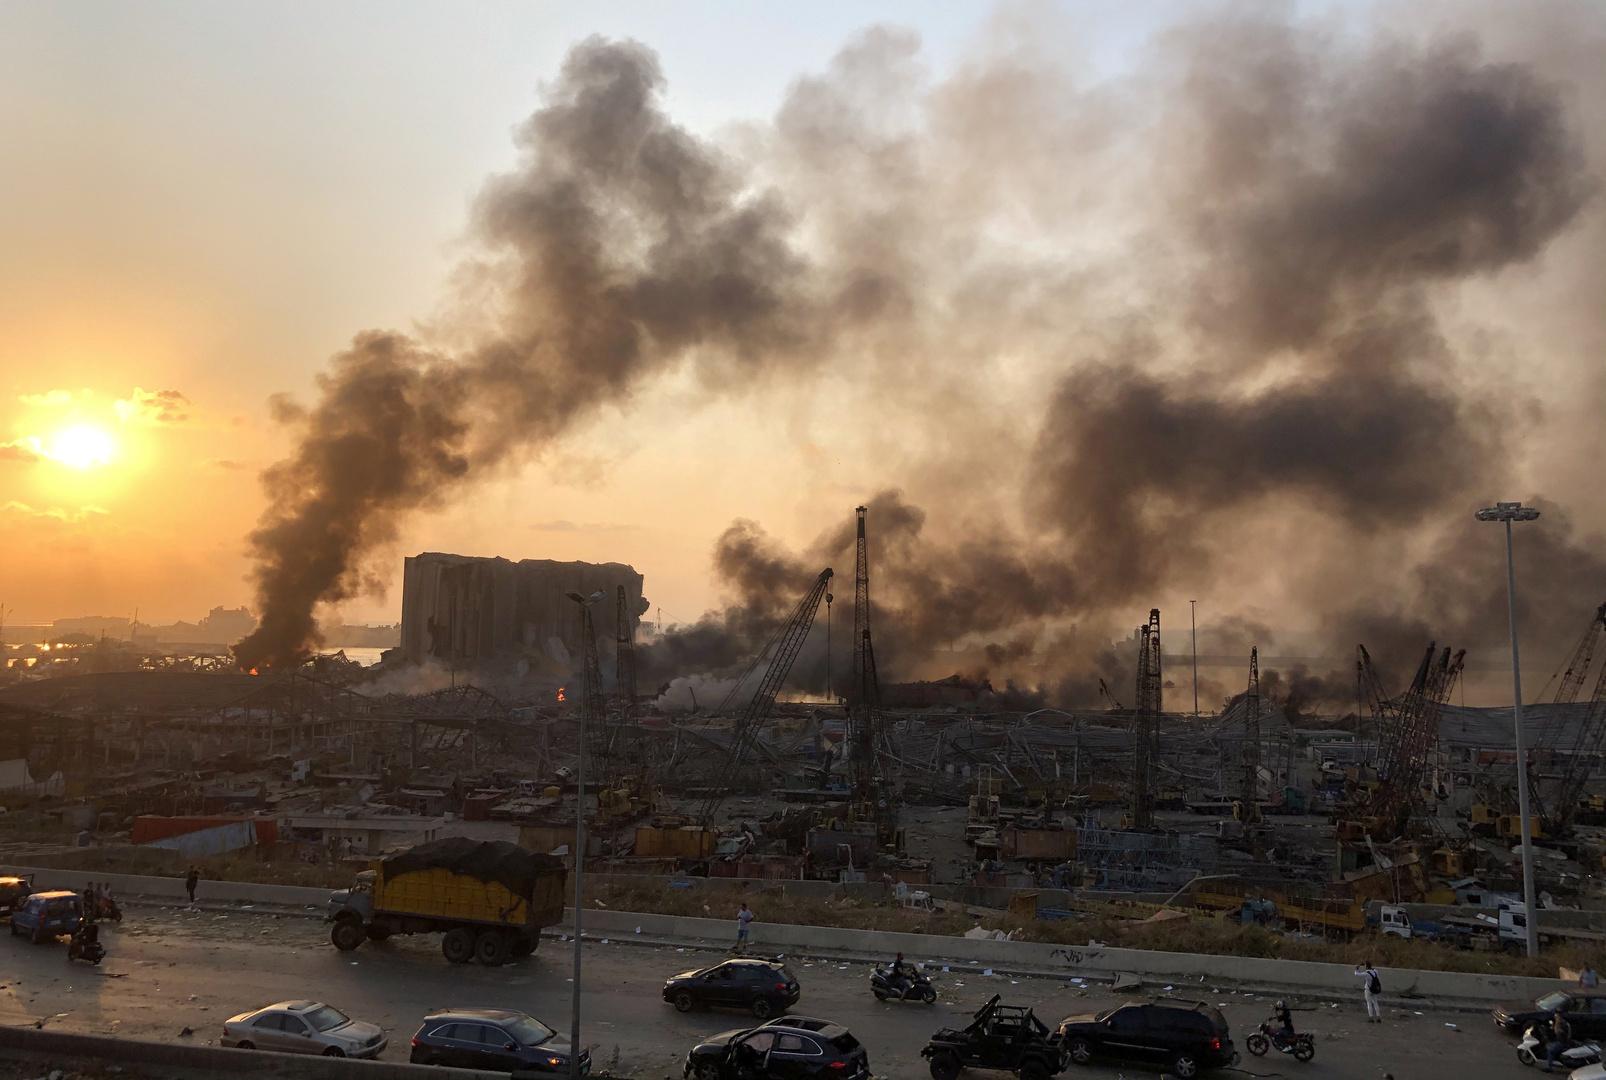 السفارة السعودية ببيروت تدعو رعايا المملكة لأخذ الحيطة والحذر